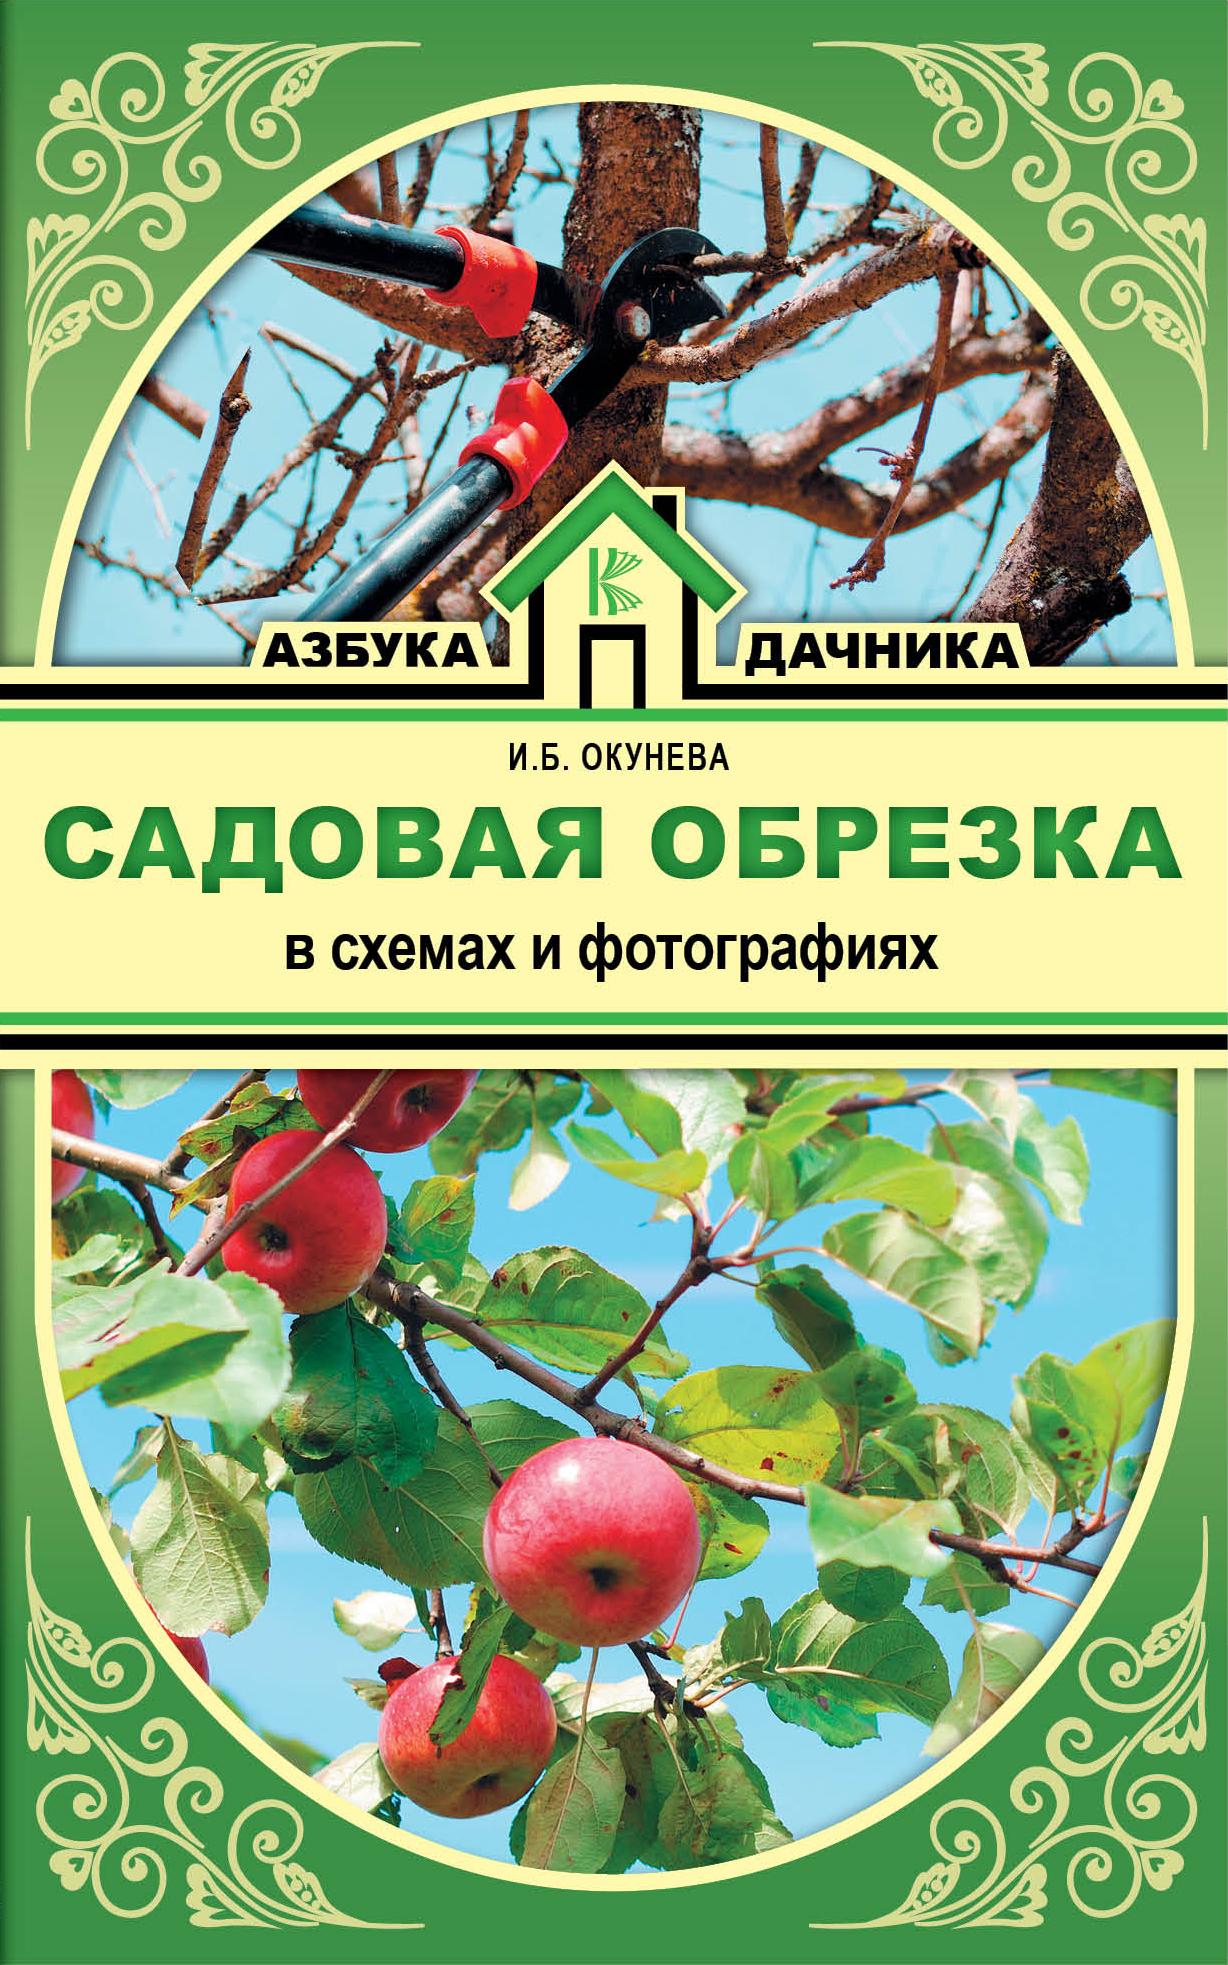 Садовая обрезка в схемах и фотографиях ( Окунева И.Б.  )